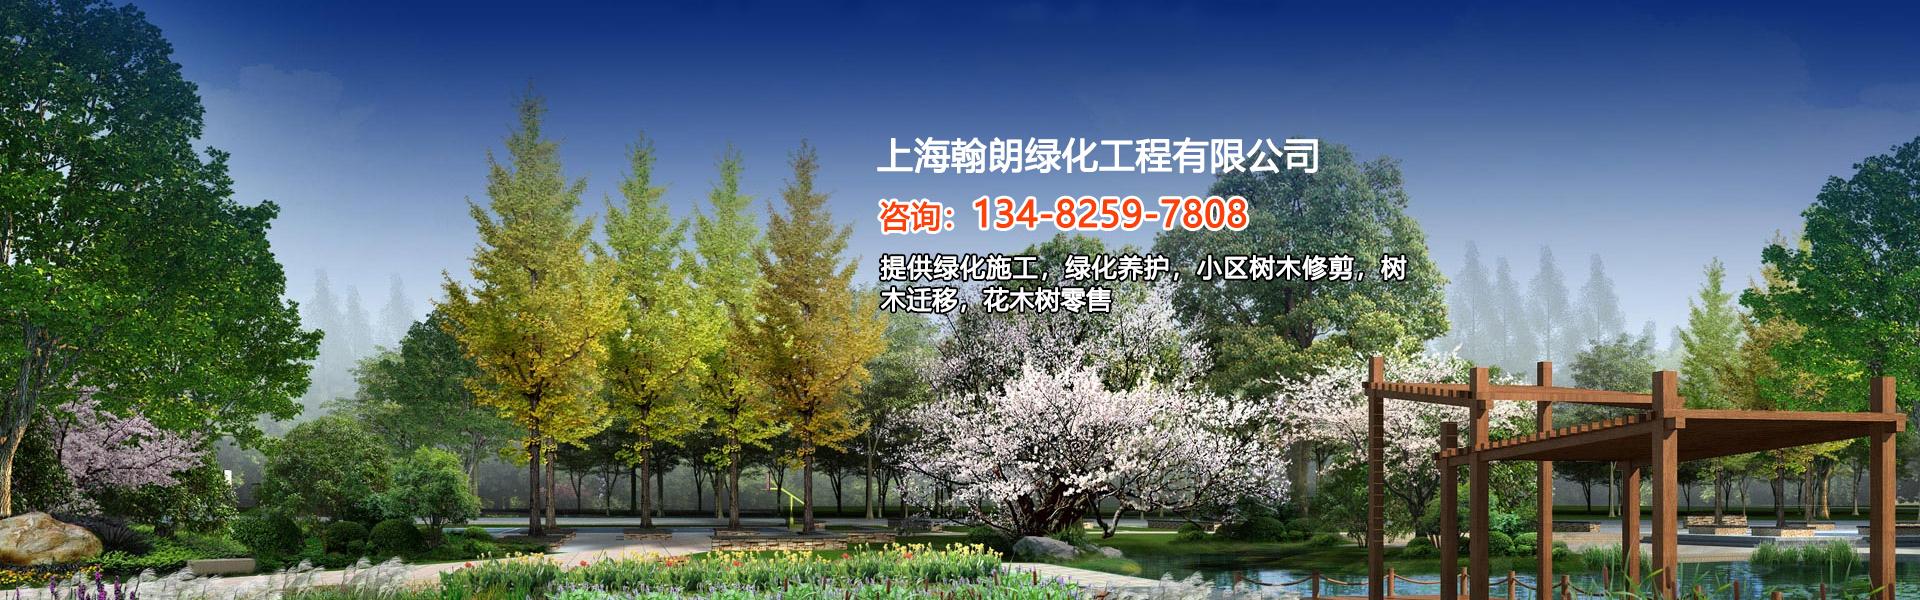 上海树木迁移